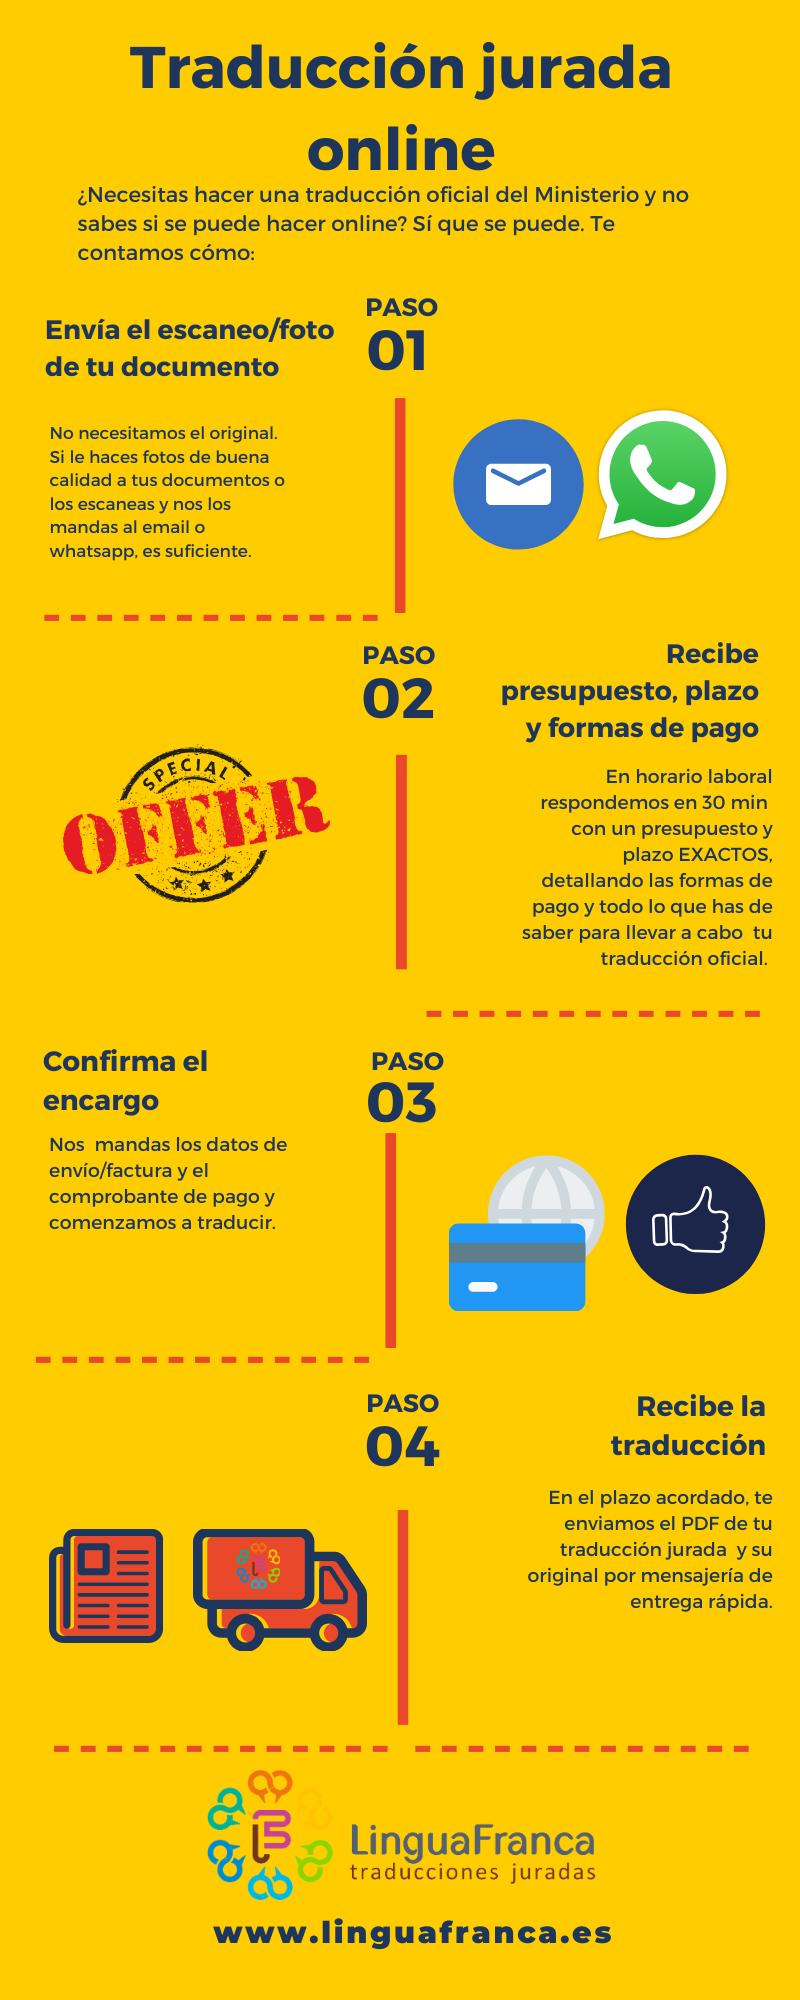 Traducción Jurada Online